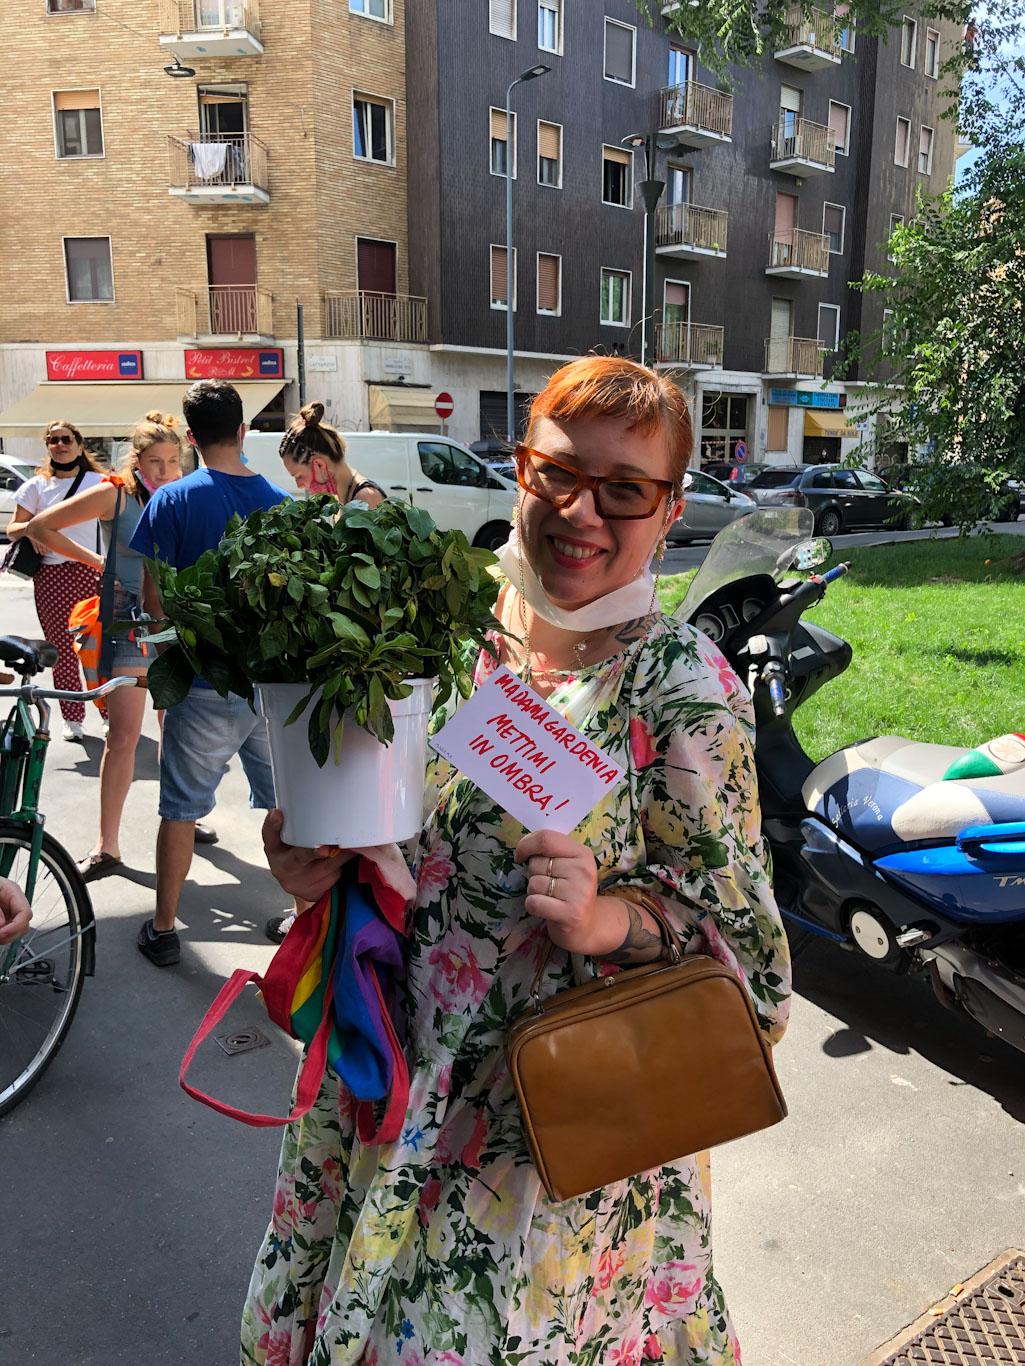 Calva plant swap - Calvairate Milano - La Loggia di Calvairate